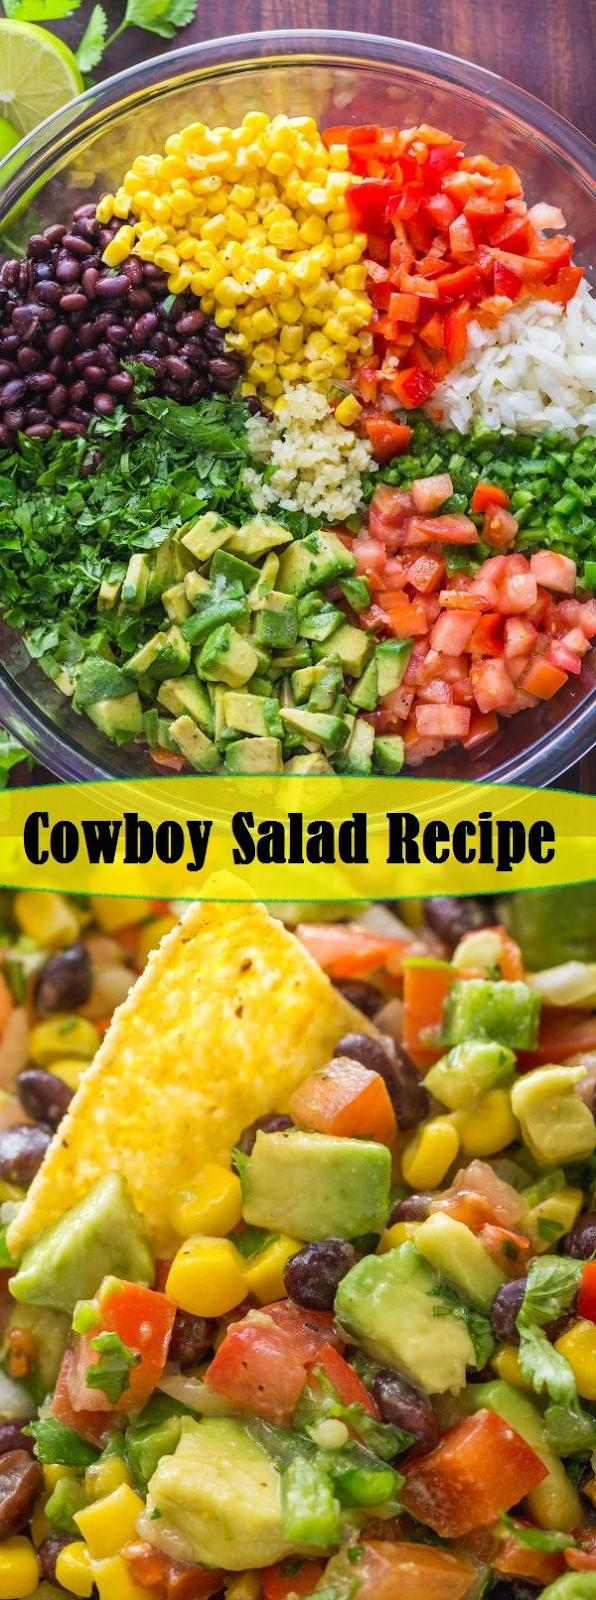 Cowboy Salad Recipe